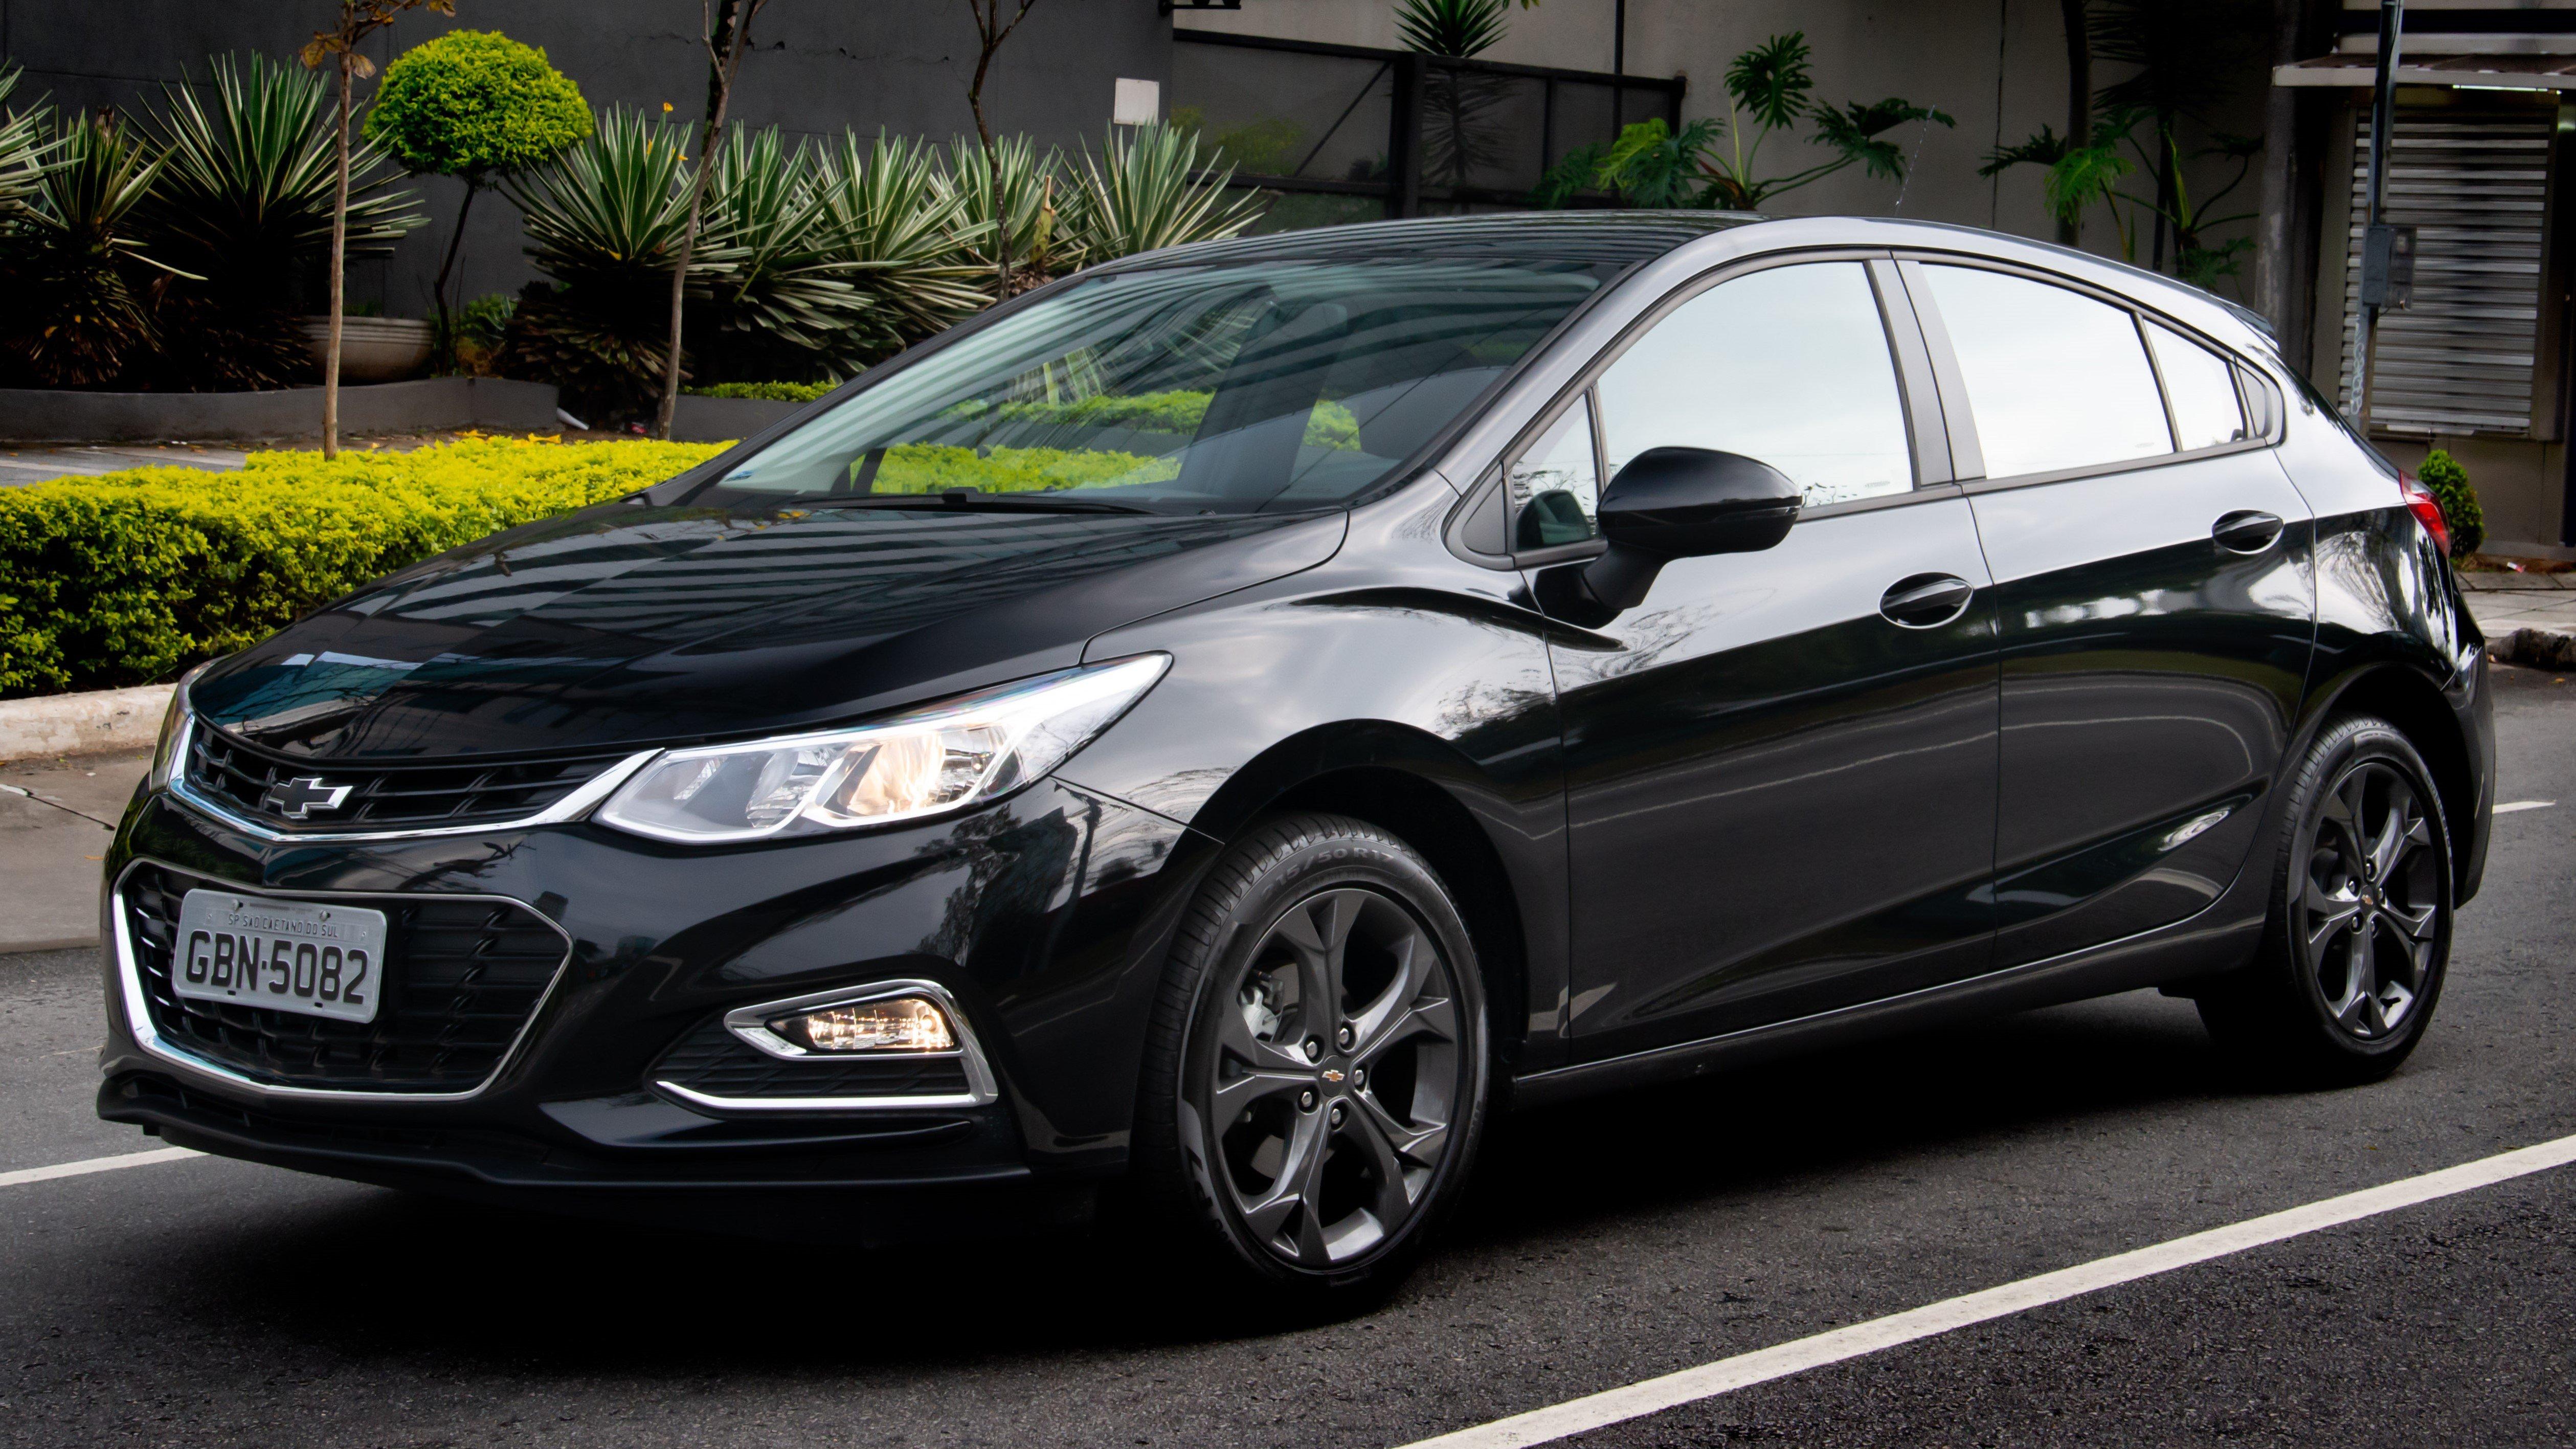 Chevrolet Cruze Bow Tie 2019: série especial chega ao mercado trazendo detalhes exclusivos